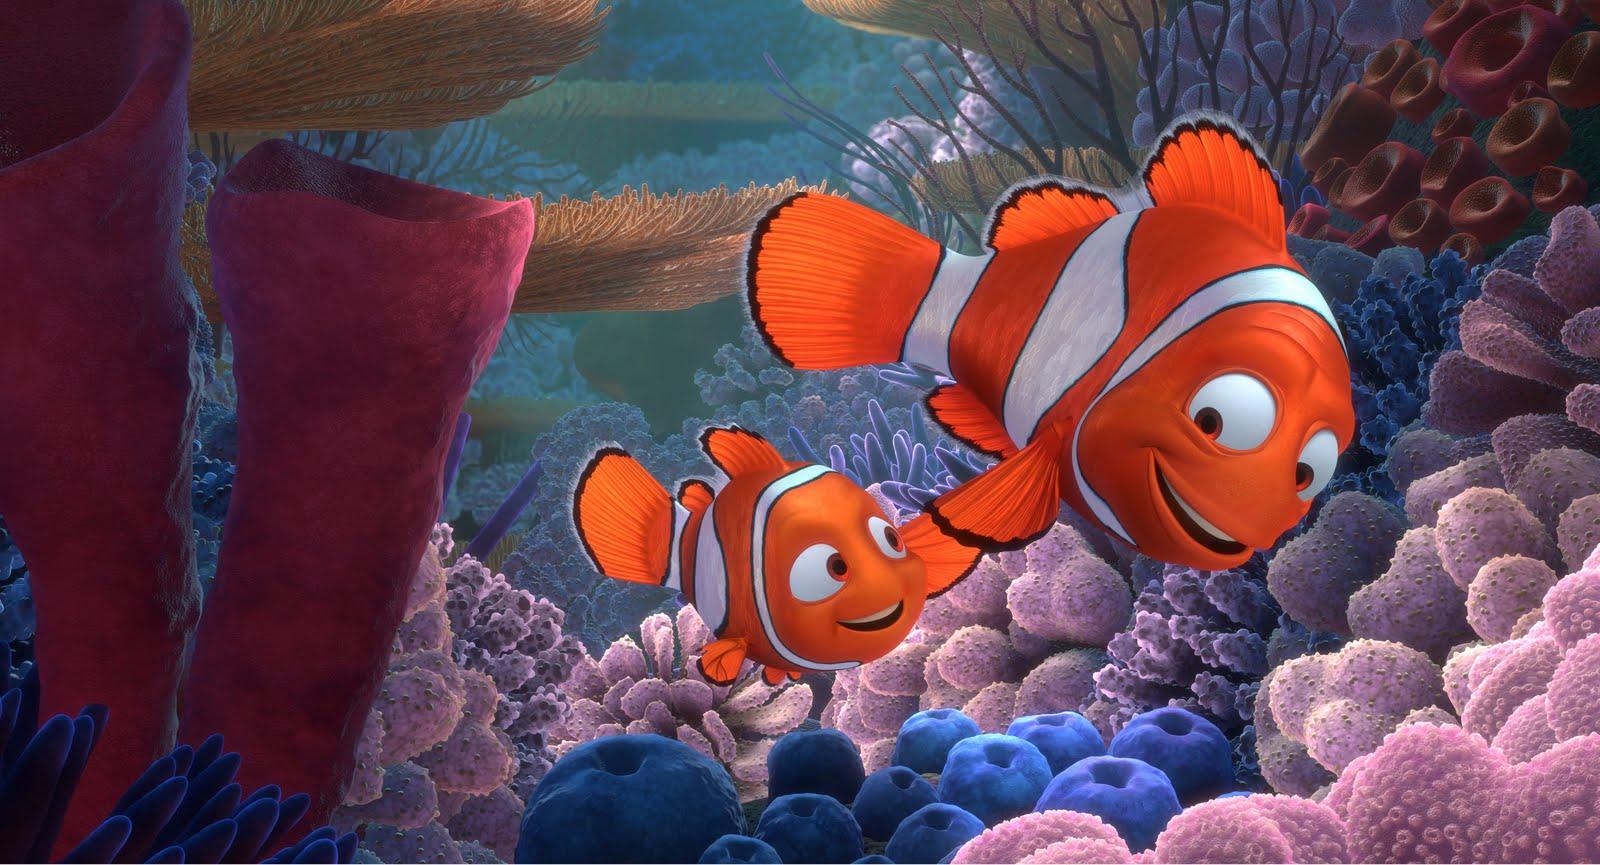 Egy jól ismert hommáge, a Némó nyomában Pixar)